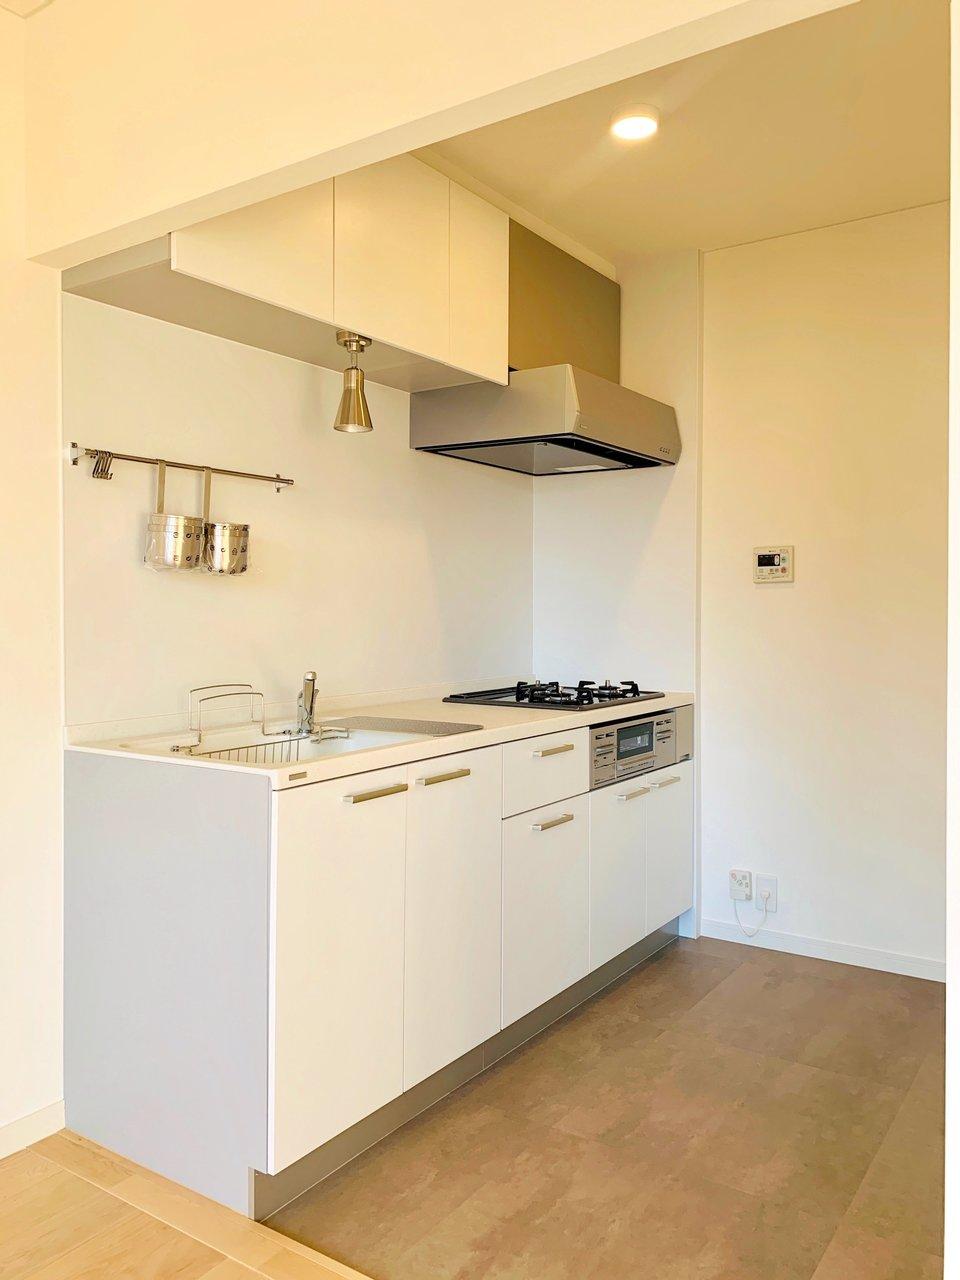 真っ白でシンプルなキッチン。デザインがいいだけでなく使い勝手も良いと評判なんですよ。